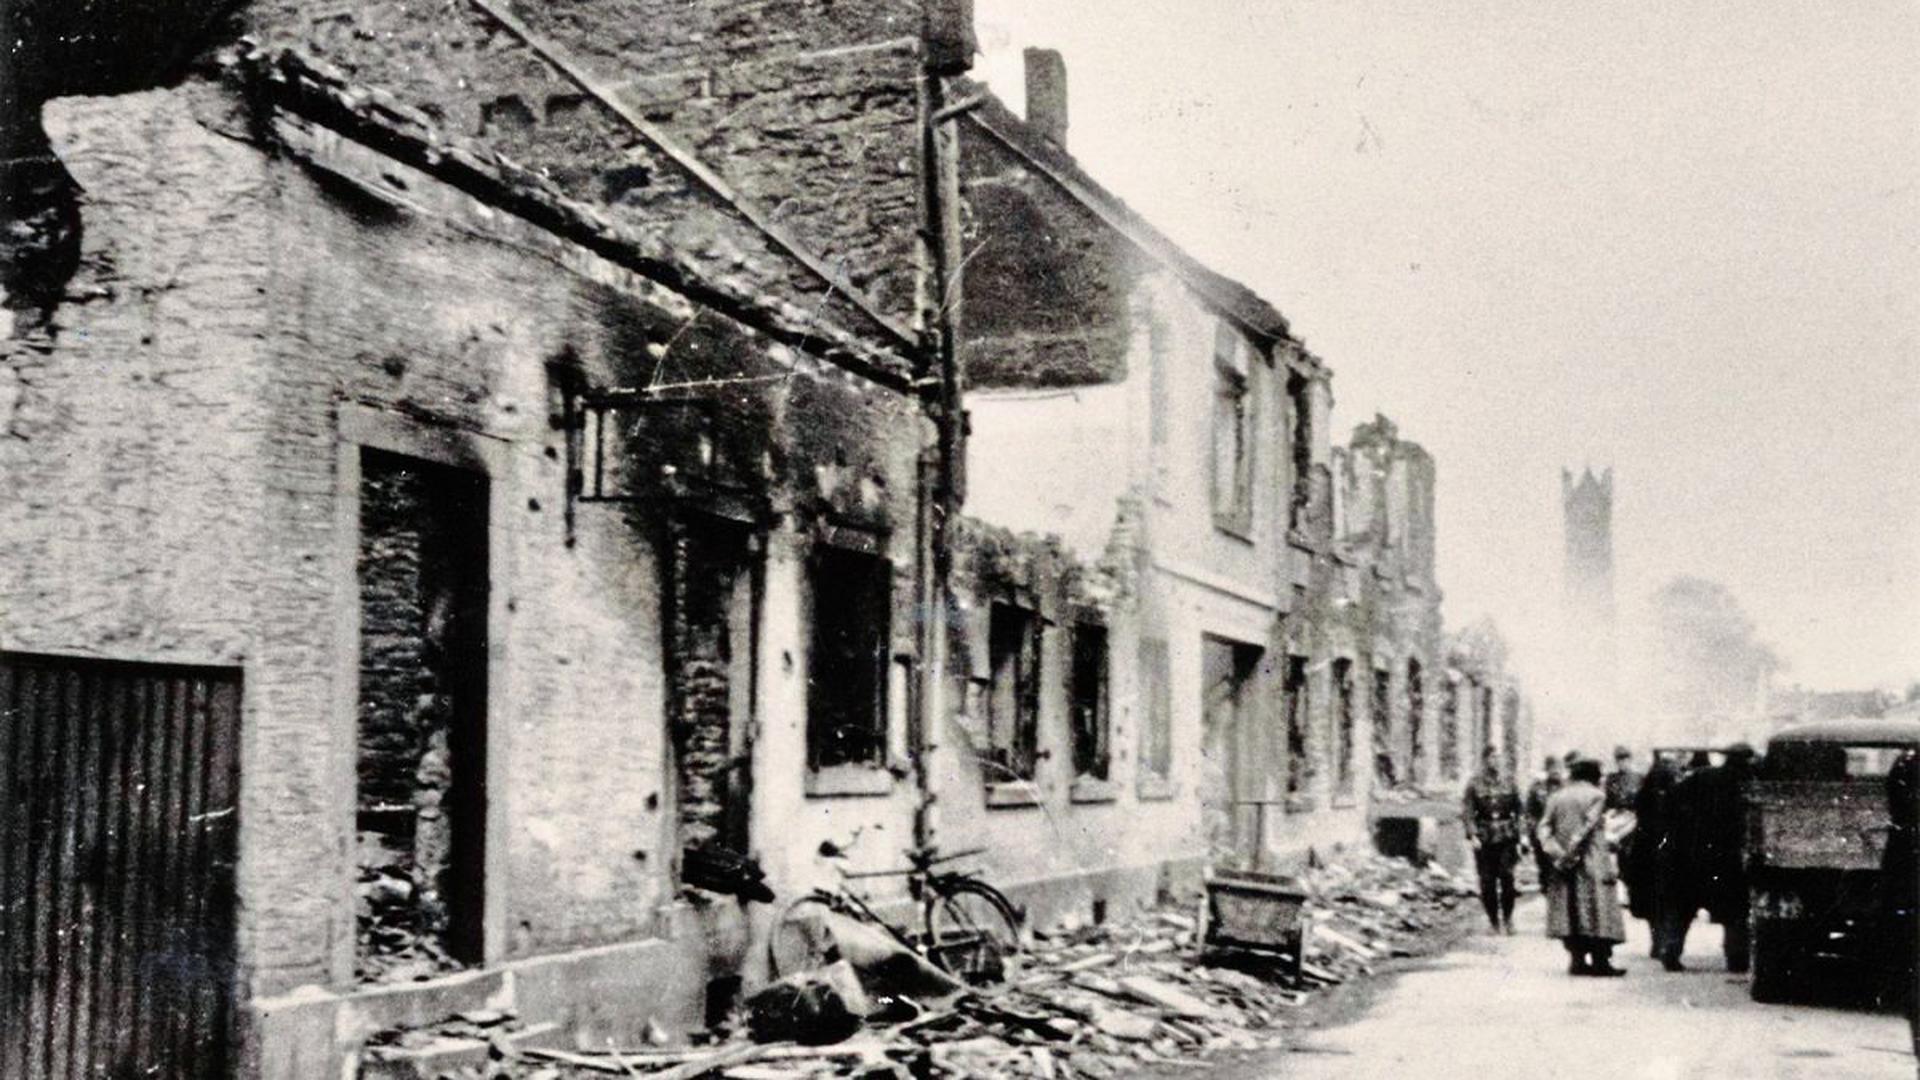 In Schutt und Asche legen fehlgeleitete Brand- und Sprengbomben in der Nacht vom 24. zum 25. April 1944 die allermeisten Häuser in Rintheim. Danach ist der Vorort praktisch entvölkert: Nur zehn Familien haben noch ein Dach über dem Kopf.